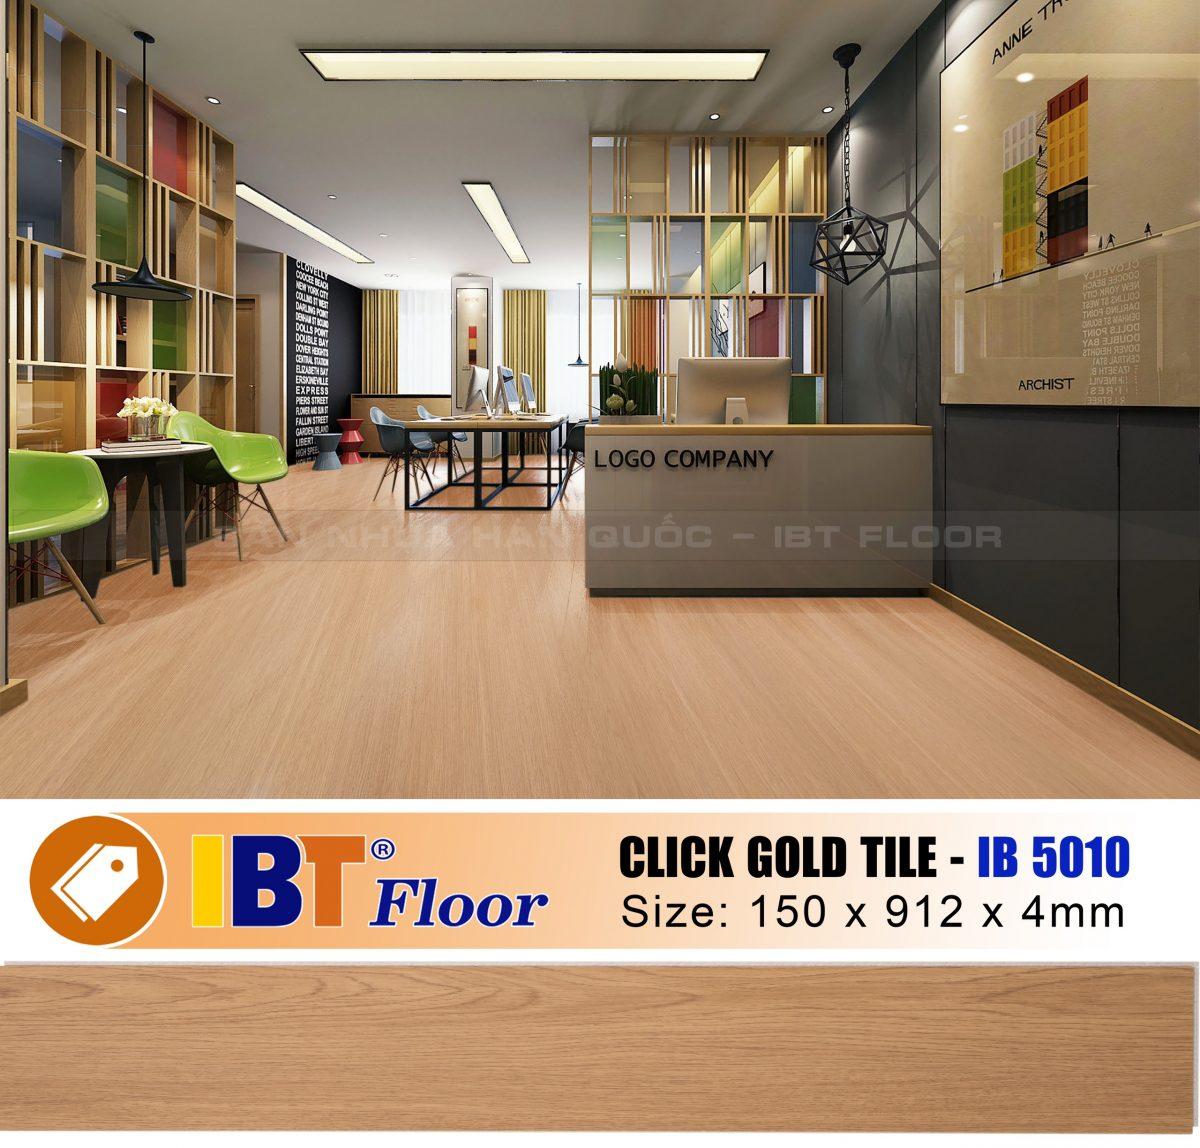 Sàn nhựa - Xu hướng hàng đầu cho thiết kế sàn năm 2019